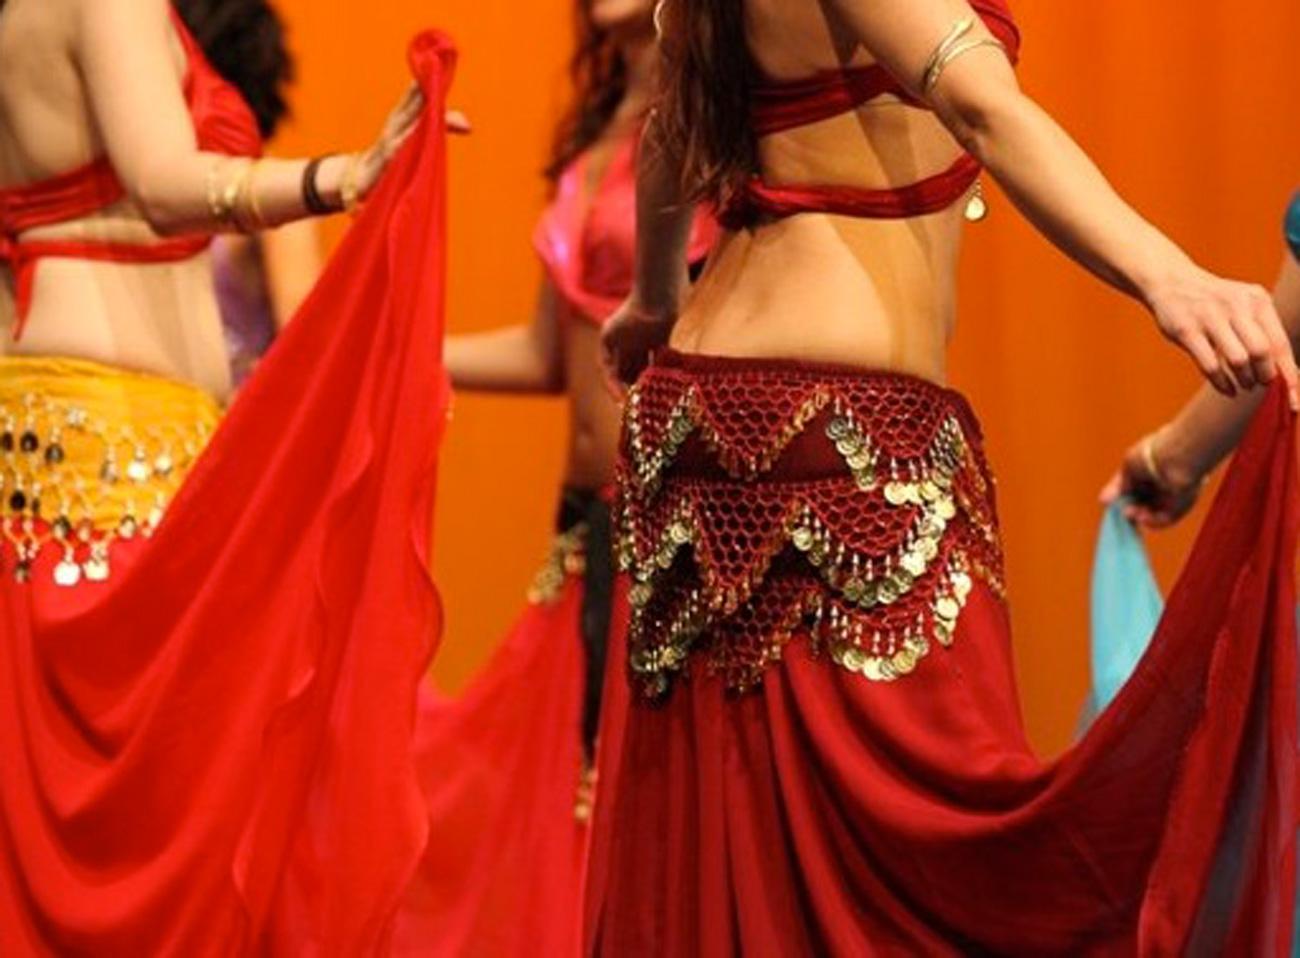 Danza del ventre danza orientale foto ASD Artemide